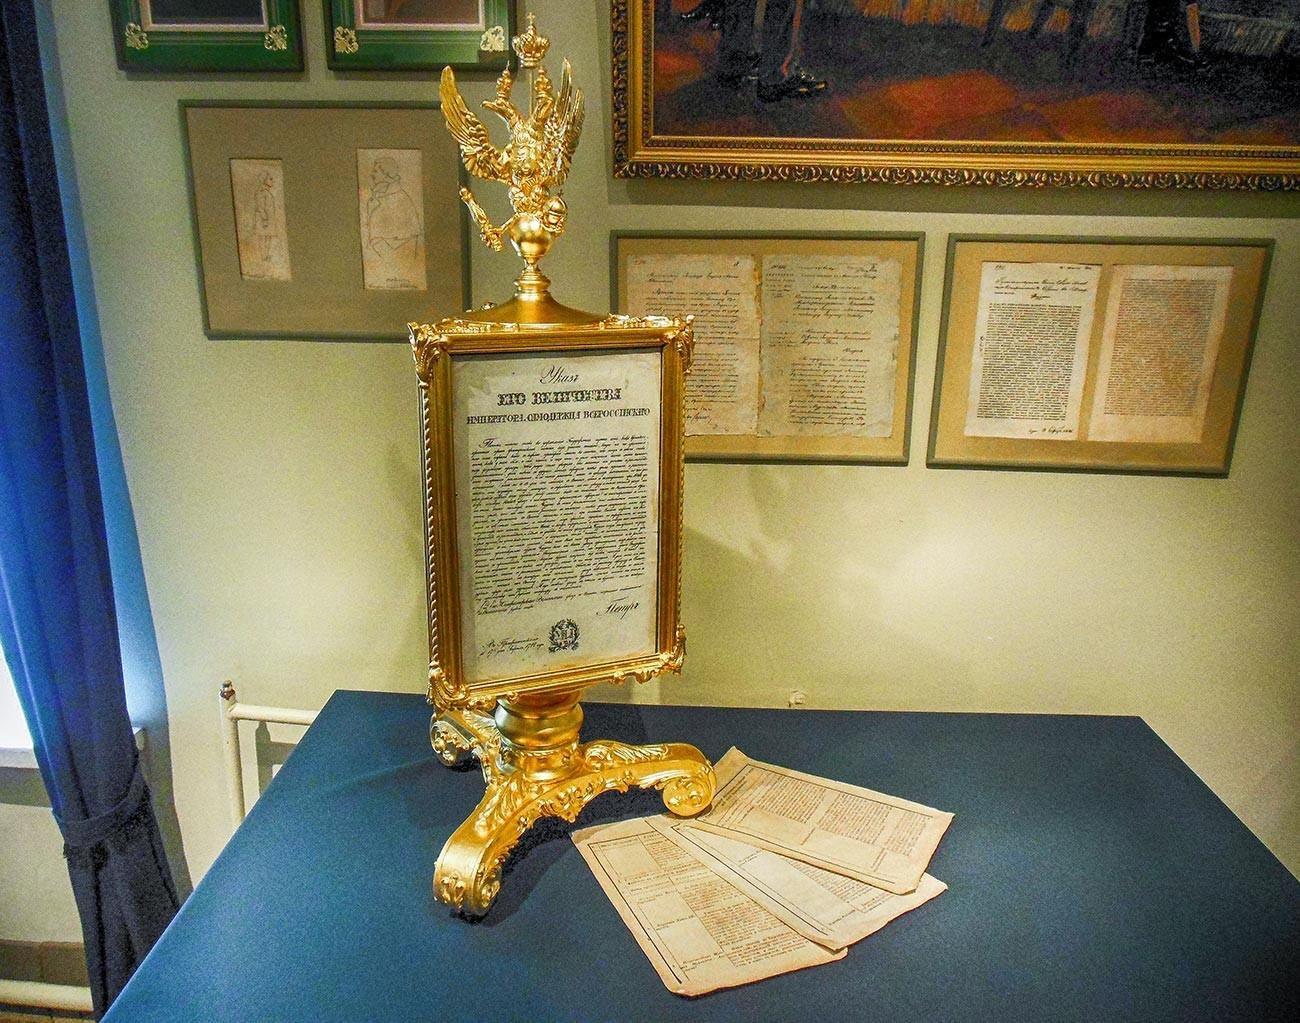 Zertsalo — sebuah meja pengumuman dengan hukum paling penting tentang pegawai negeri dari Pyotr yang Agung, abad ke-18.